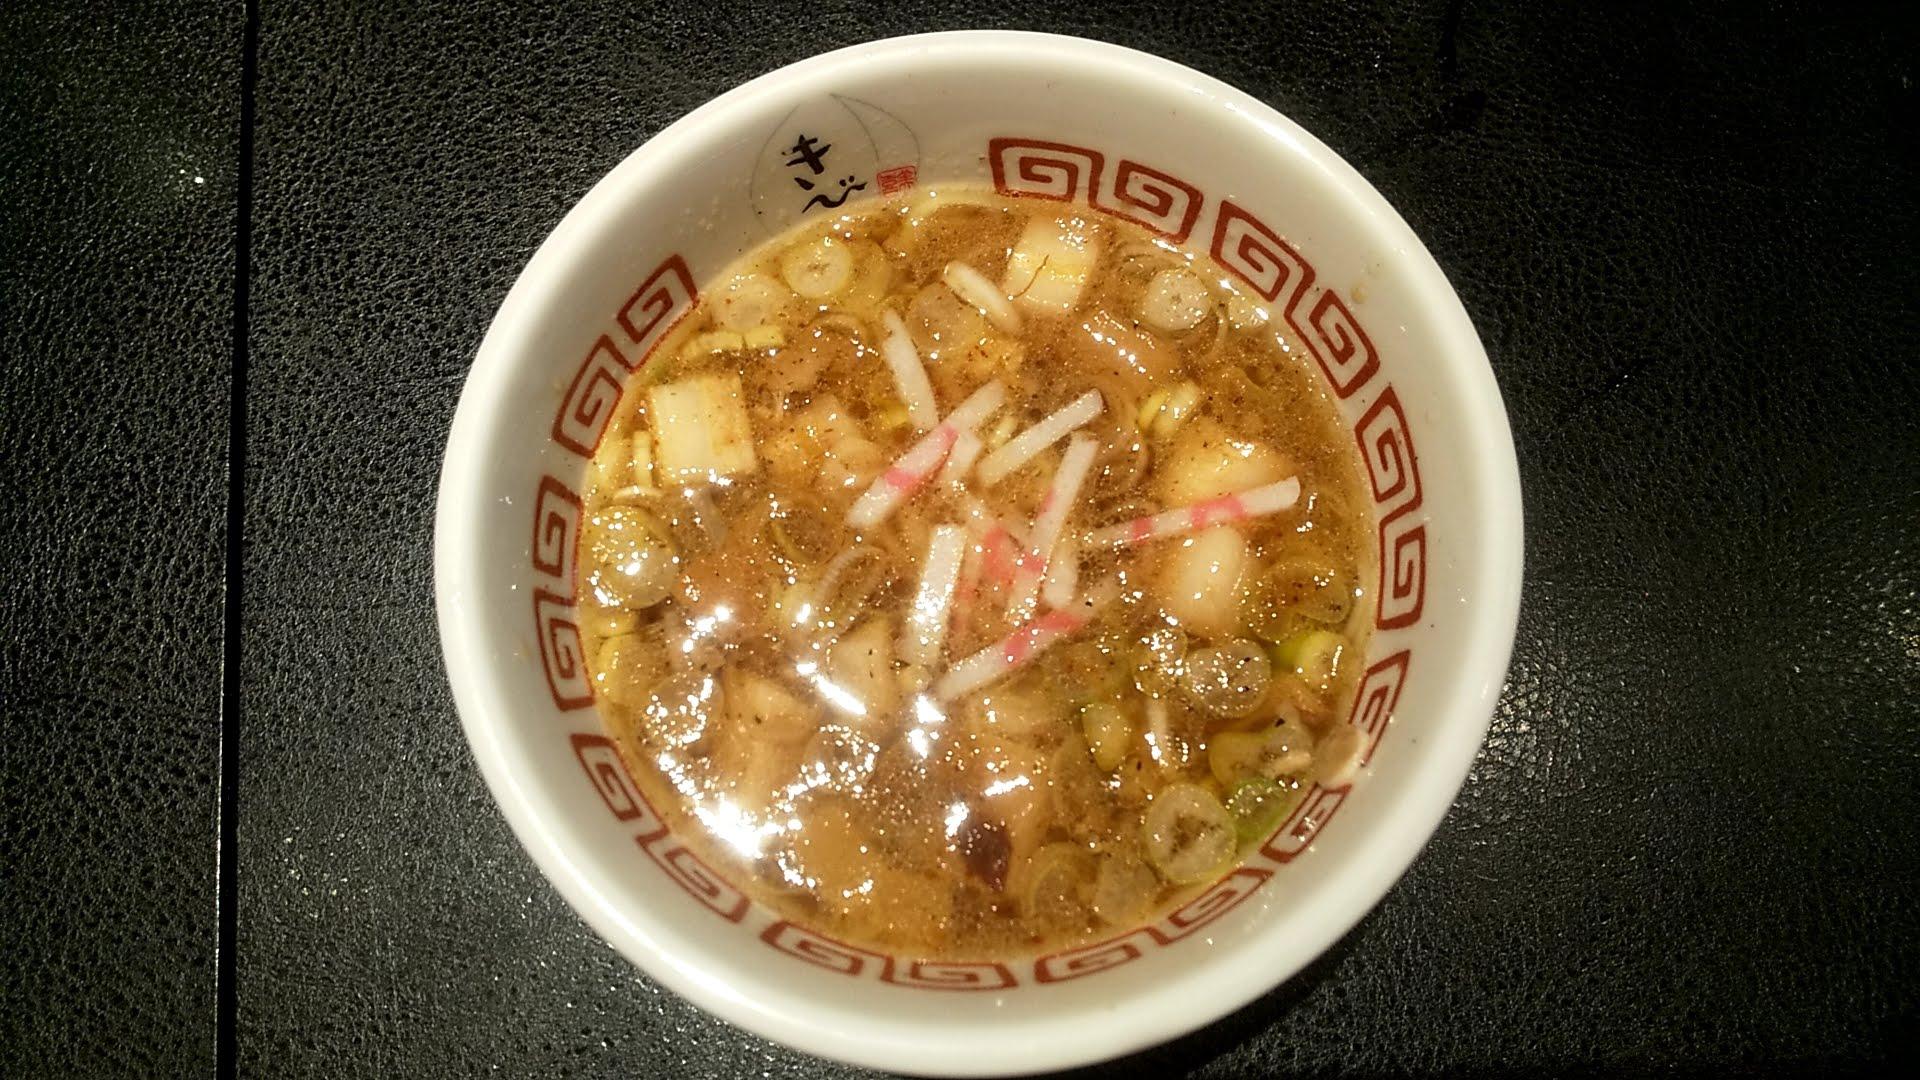 中華そばきびの特製つけ麺のつけ汁写真